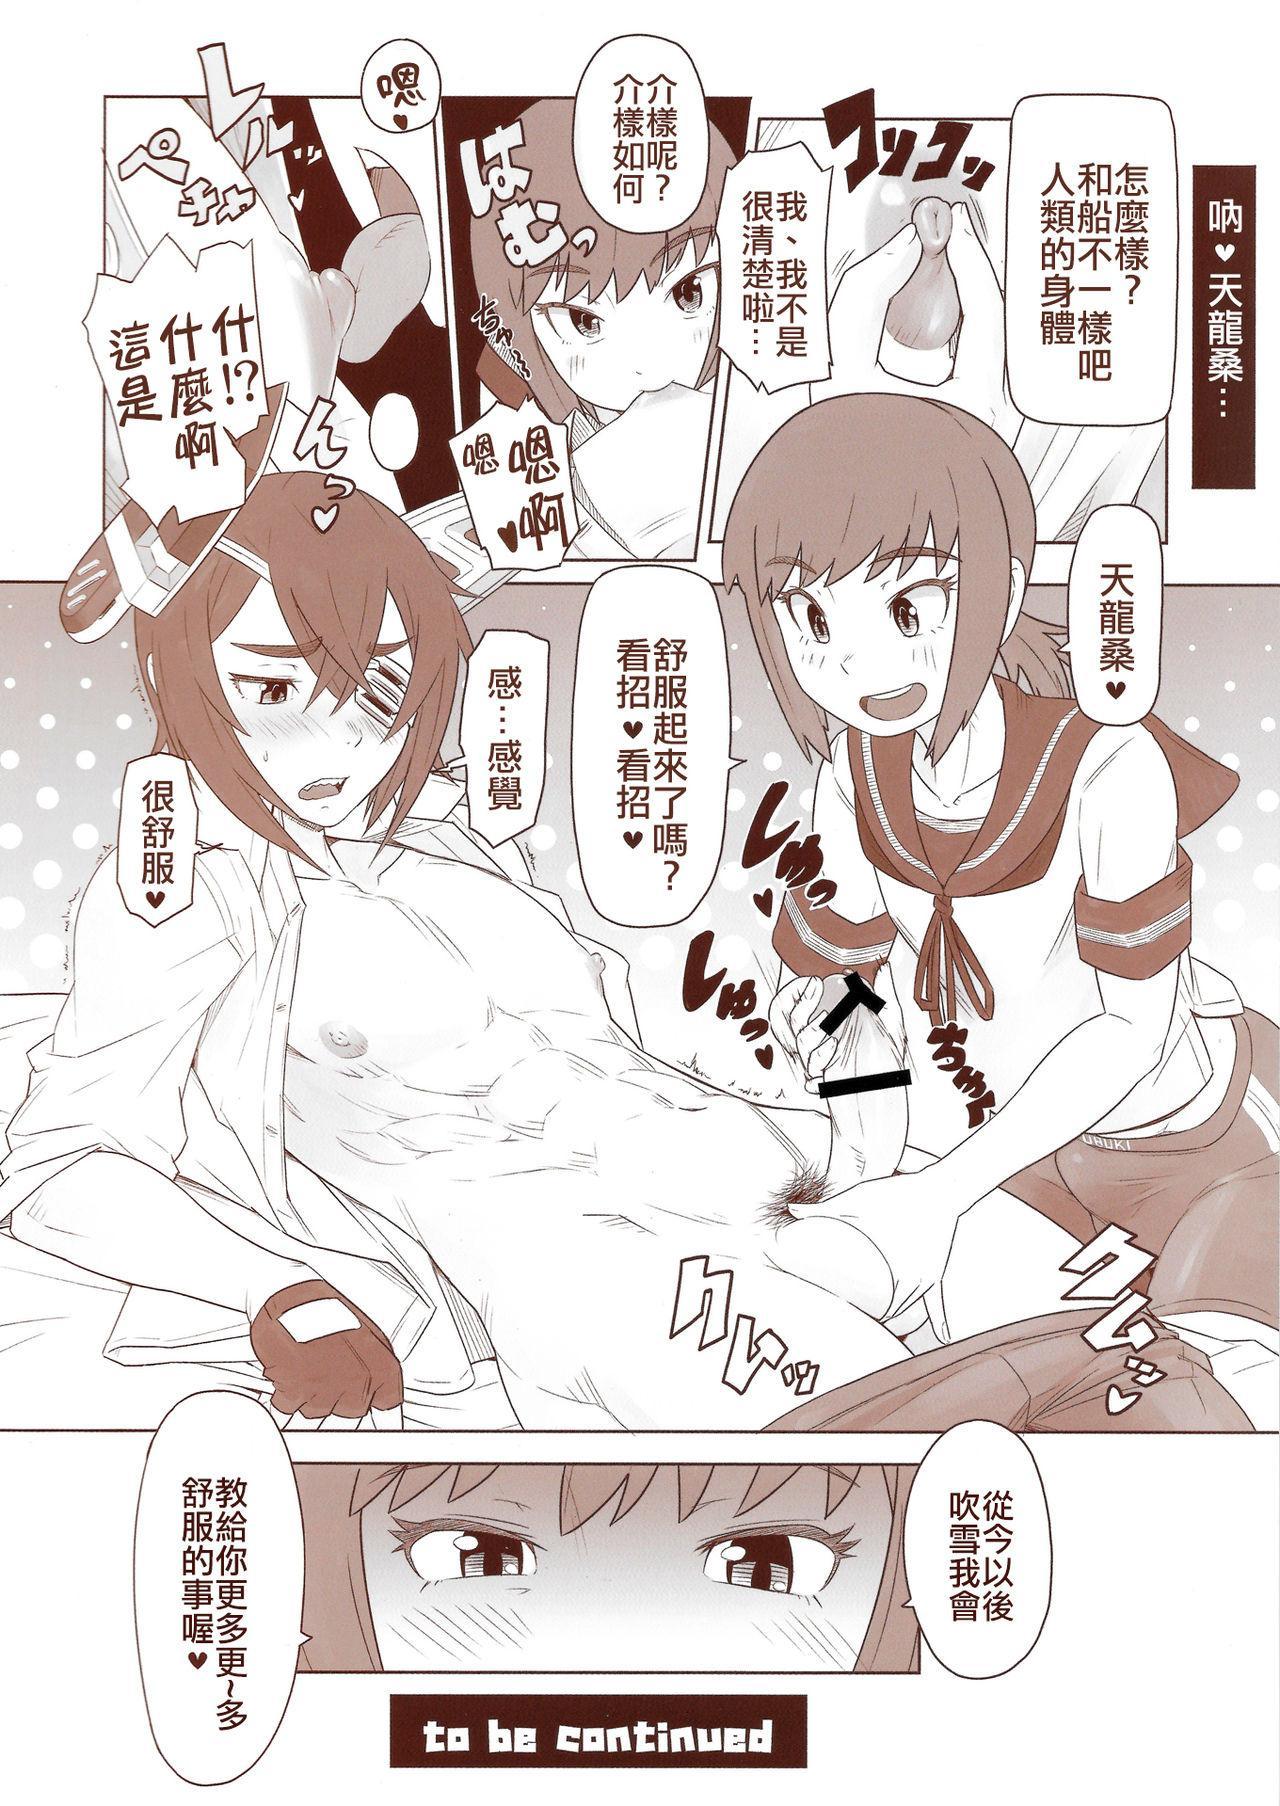 Tenryuu-chan ga Otoko no Ko ni Nacchata Iroiro Matome Hon 11